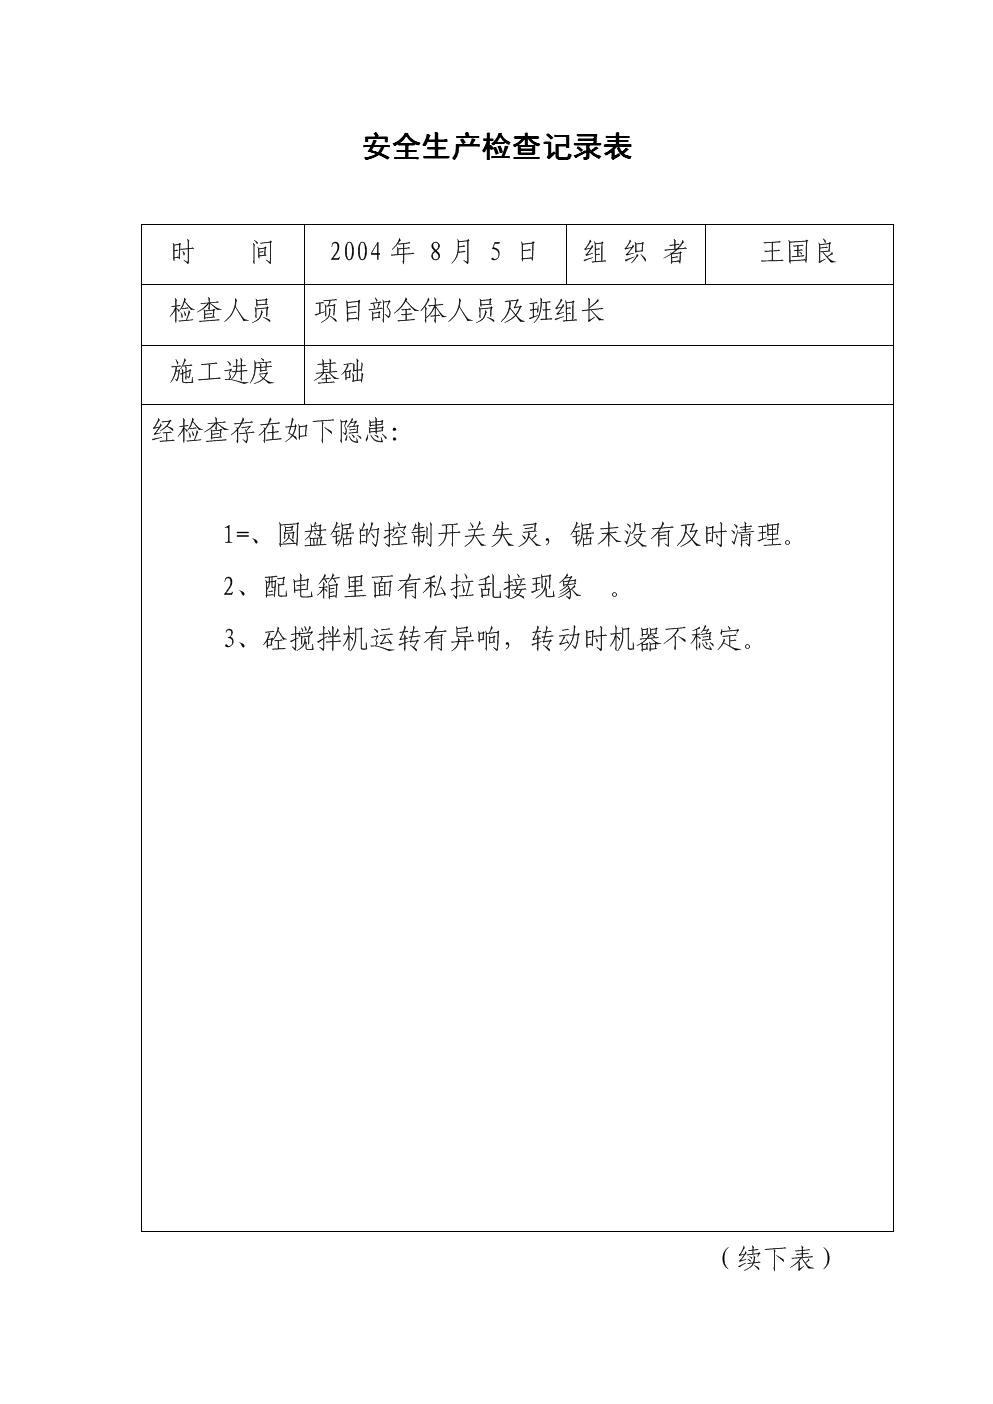 钢结构安全资料-台帐五(安全检查).doc